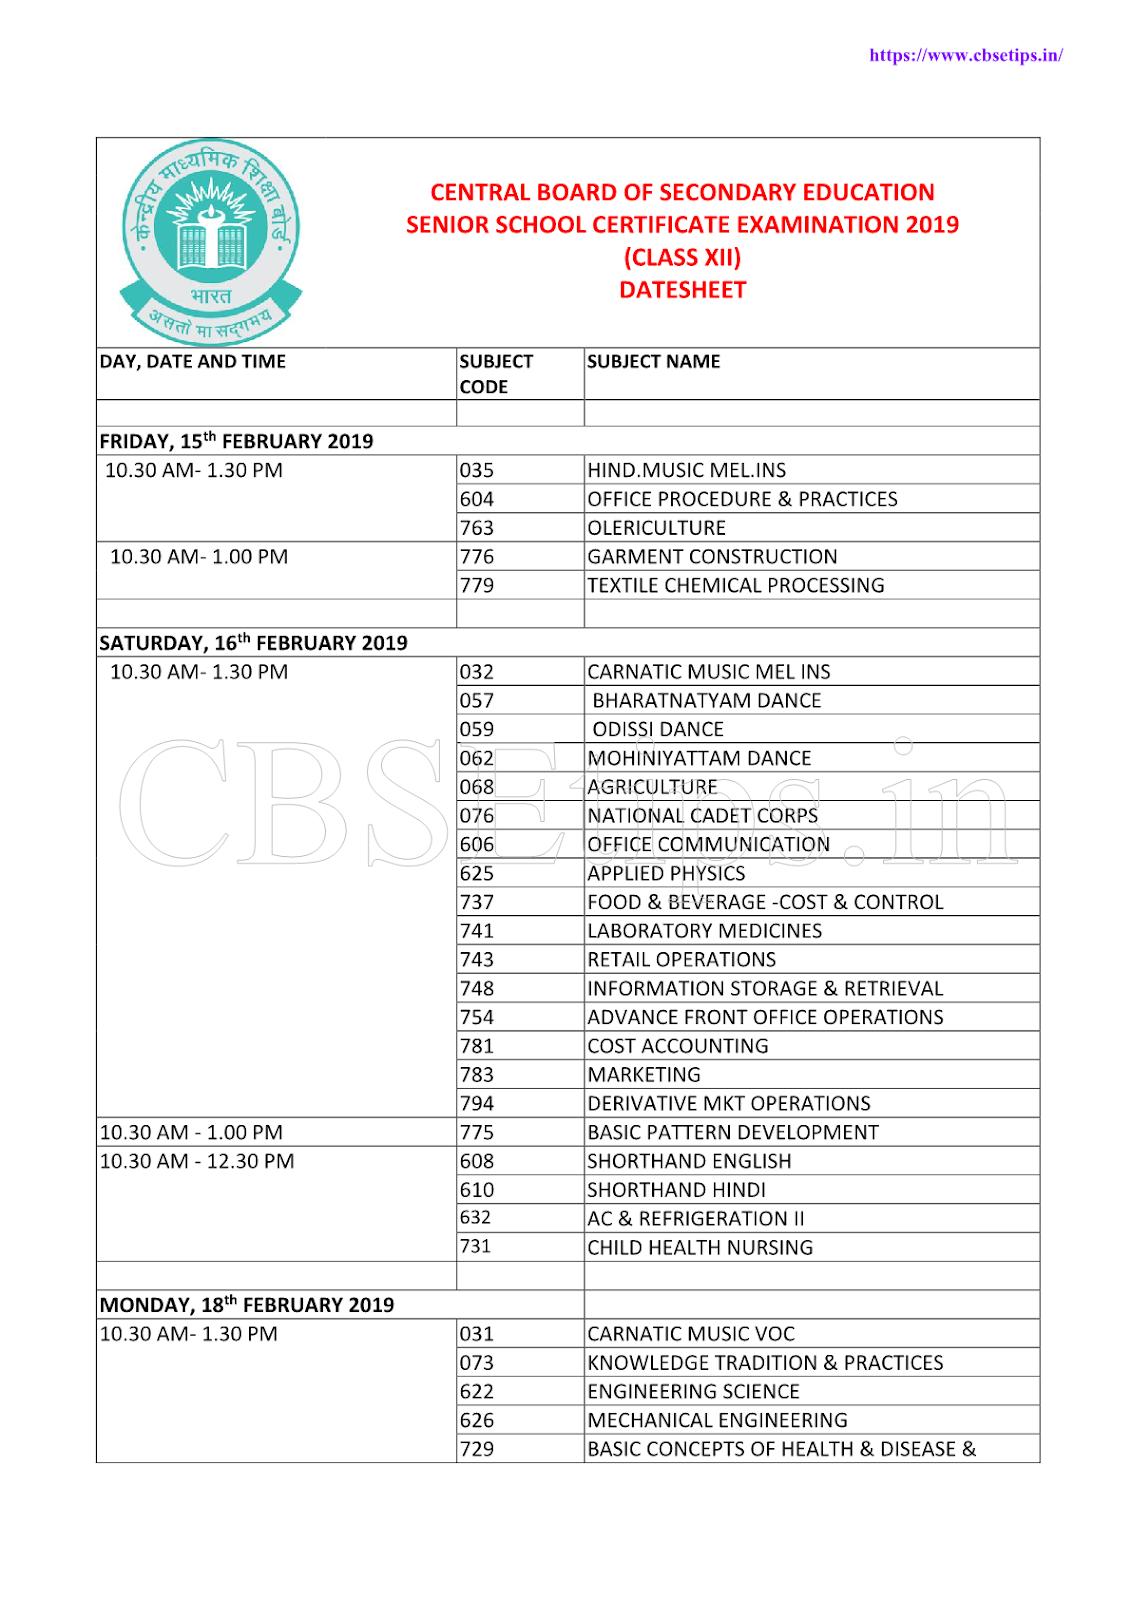 cbse 12 exam 2019